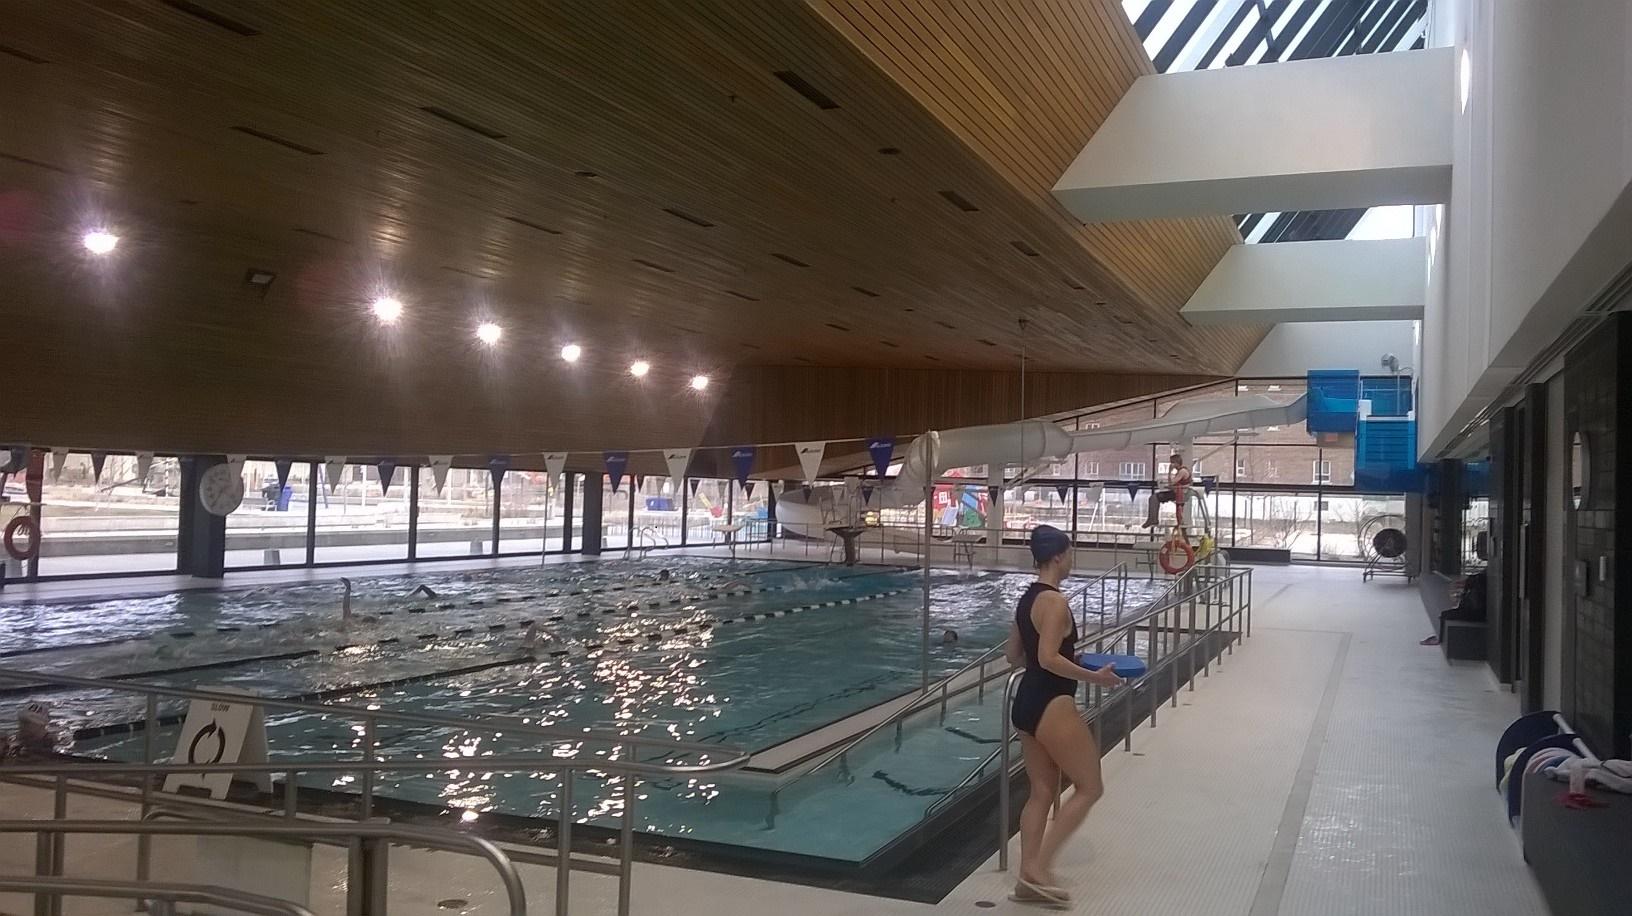 0234 - Regent Park Aquatic Centre Toronto